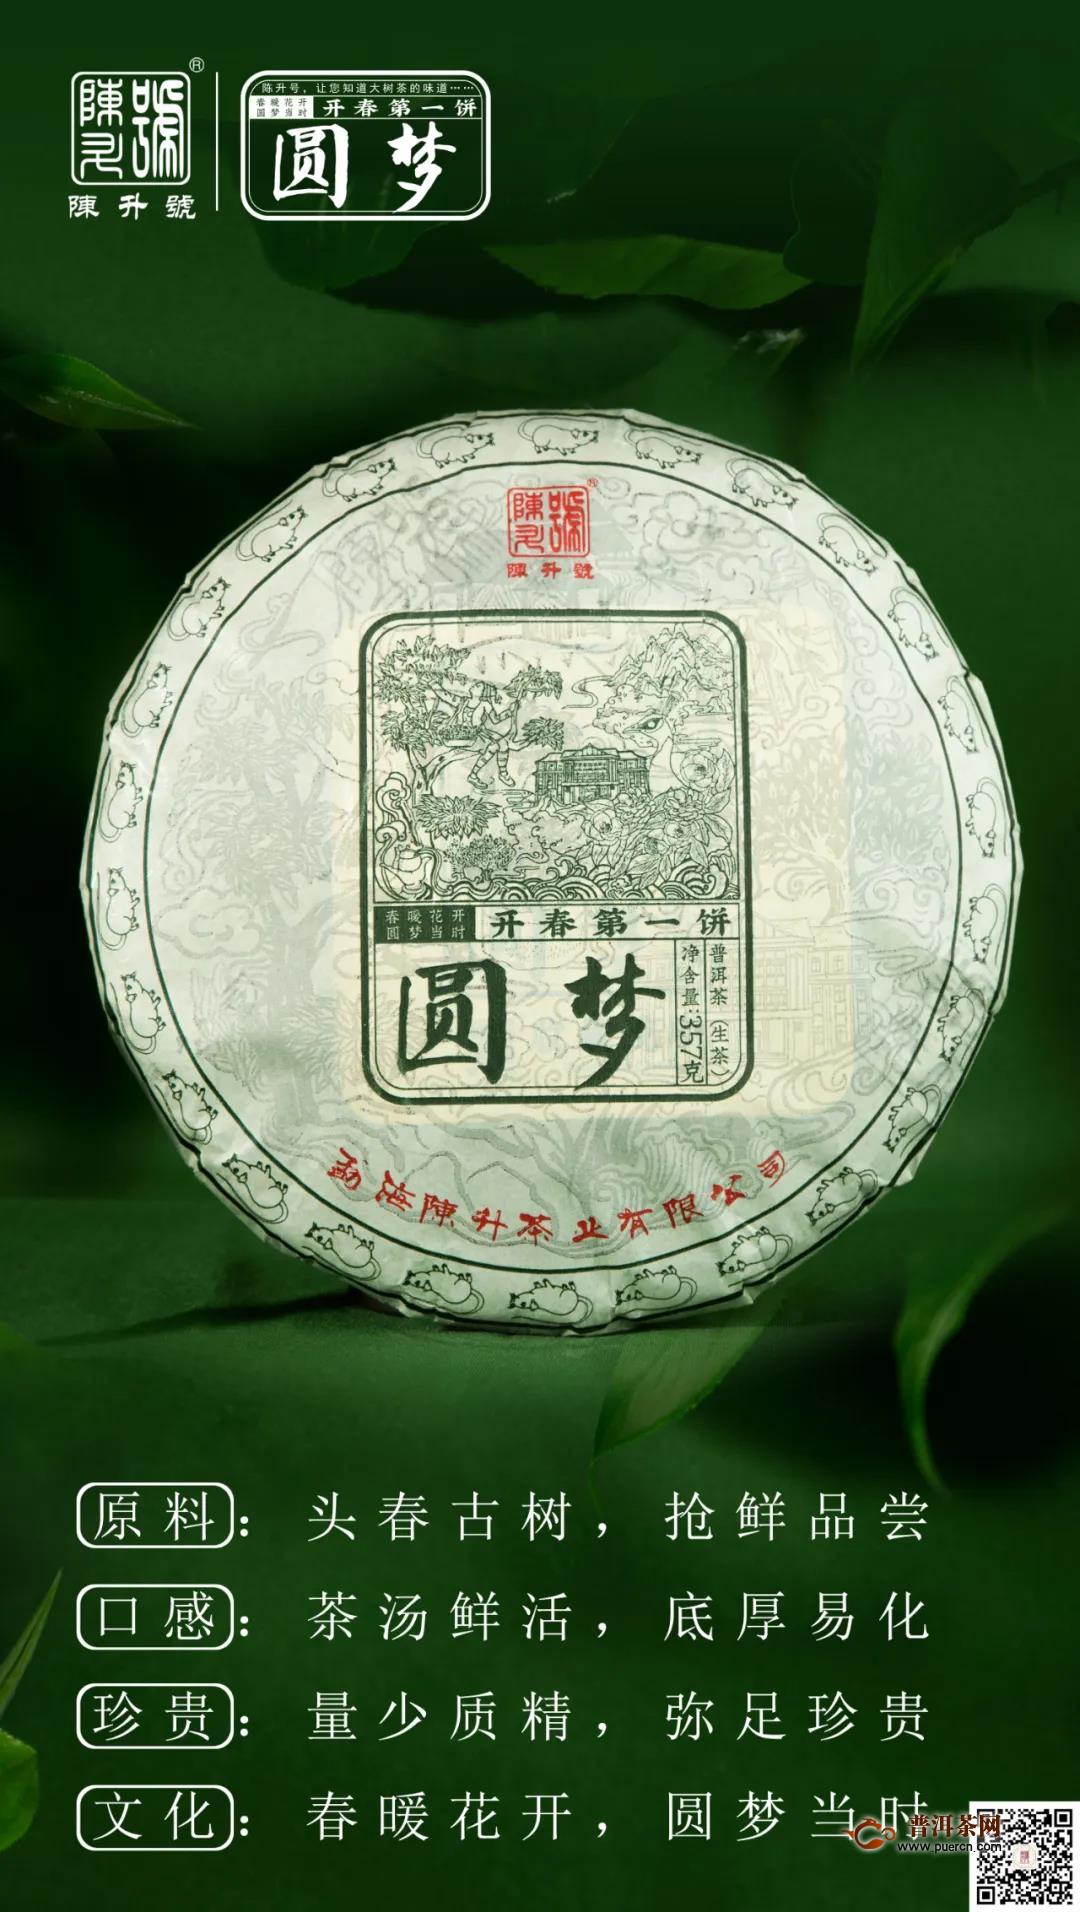 一代茶人陈升河的坚守与传承:栉风沐雨,再塑辉煌